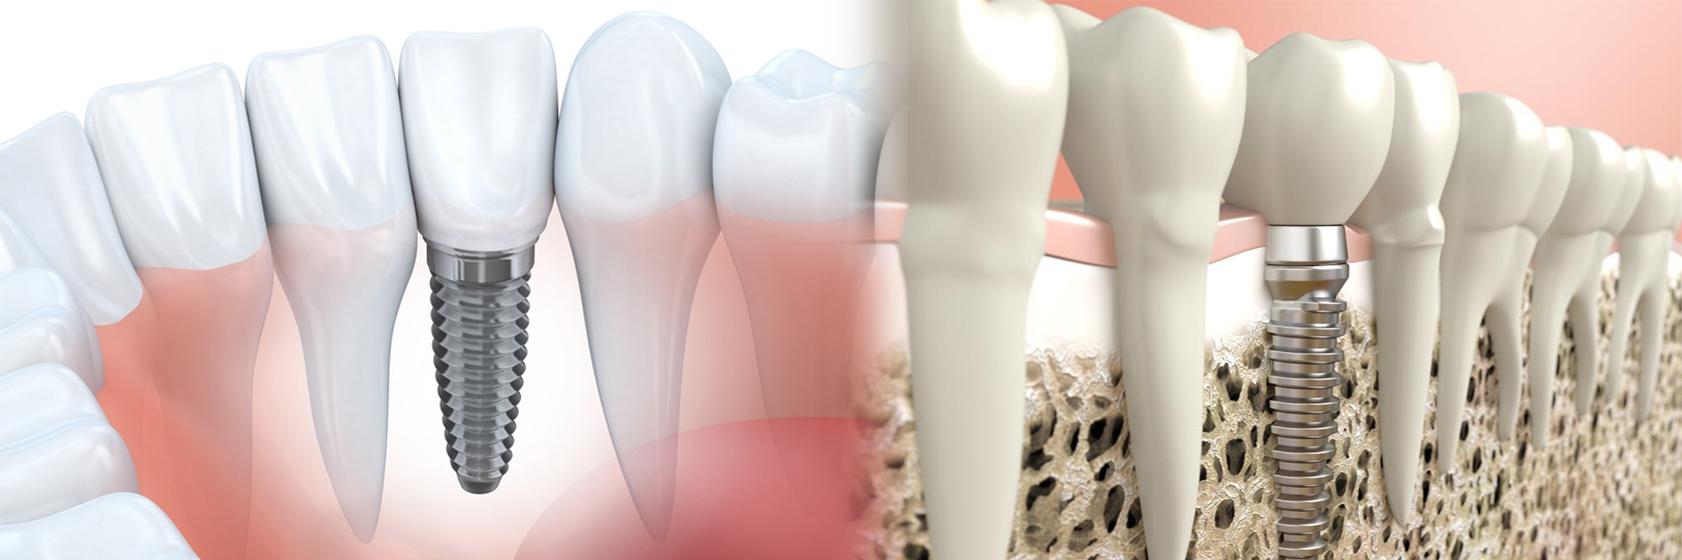 İMPLANT Diş | Üsküdar Libadiye Caddesi Diş Tedavisi